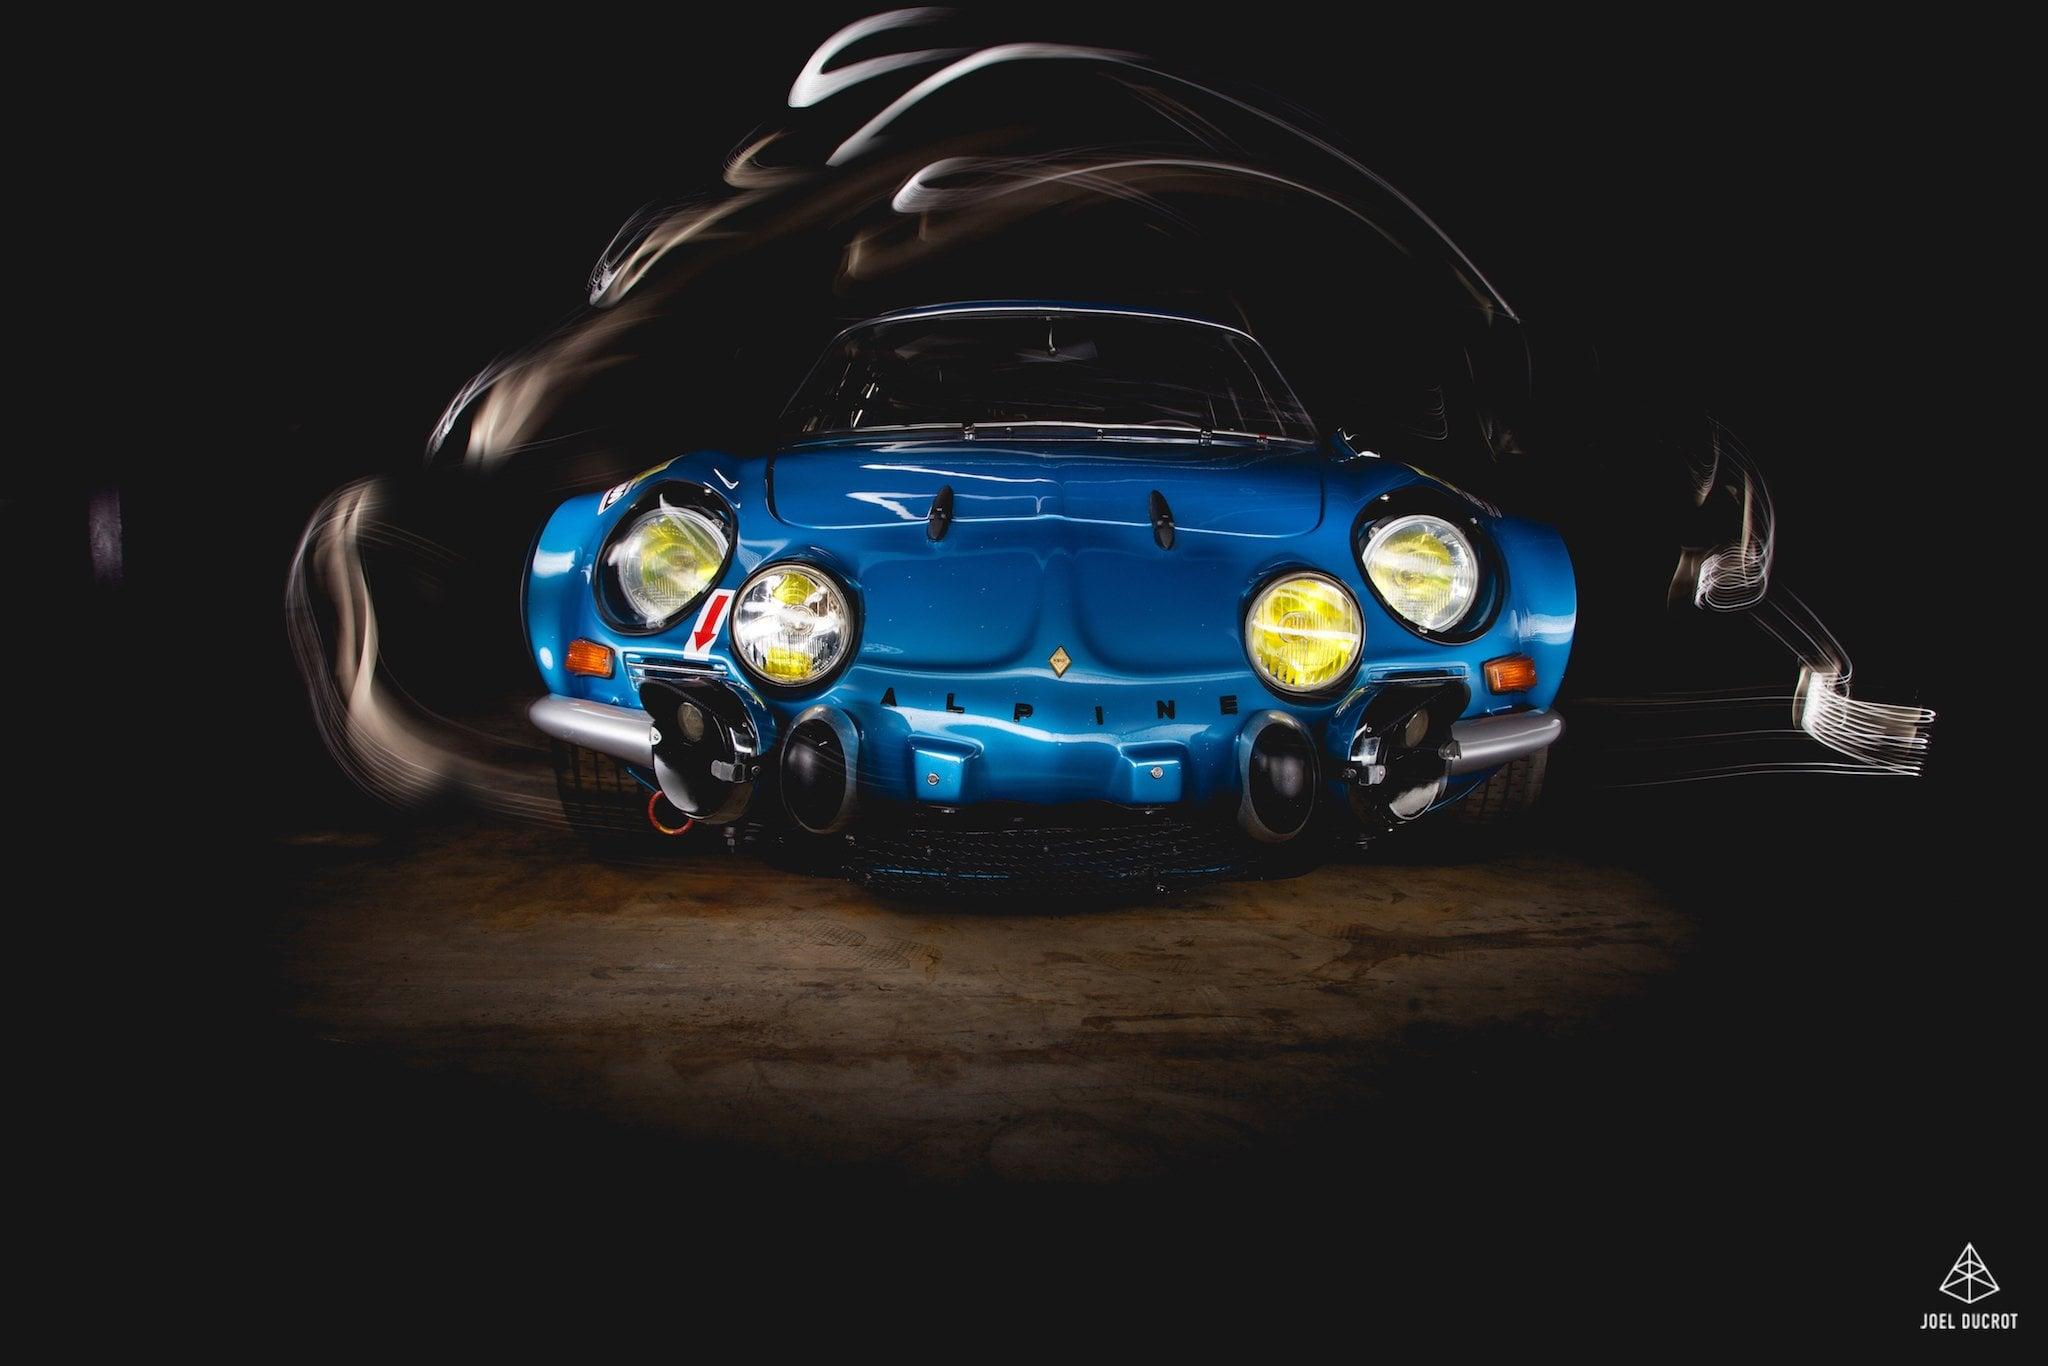 Alpine A110 1800 sous l'oeil de Joël Ducrot